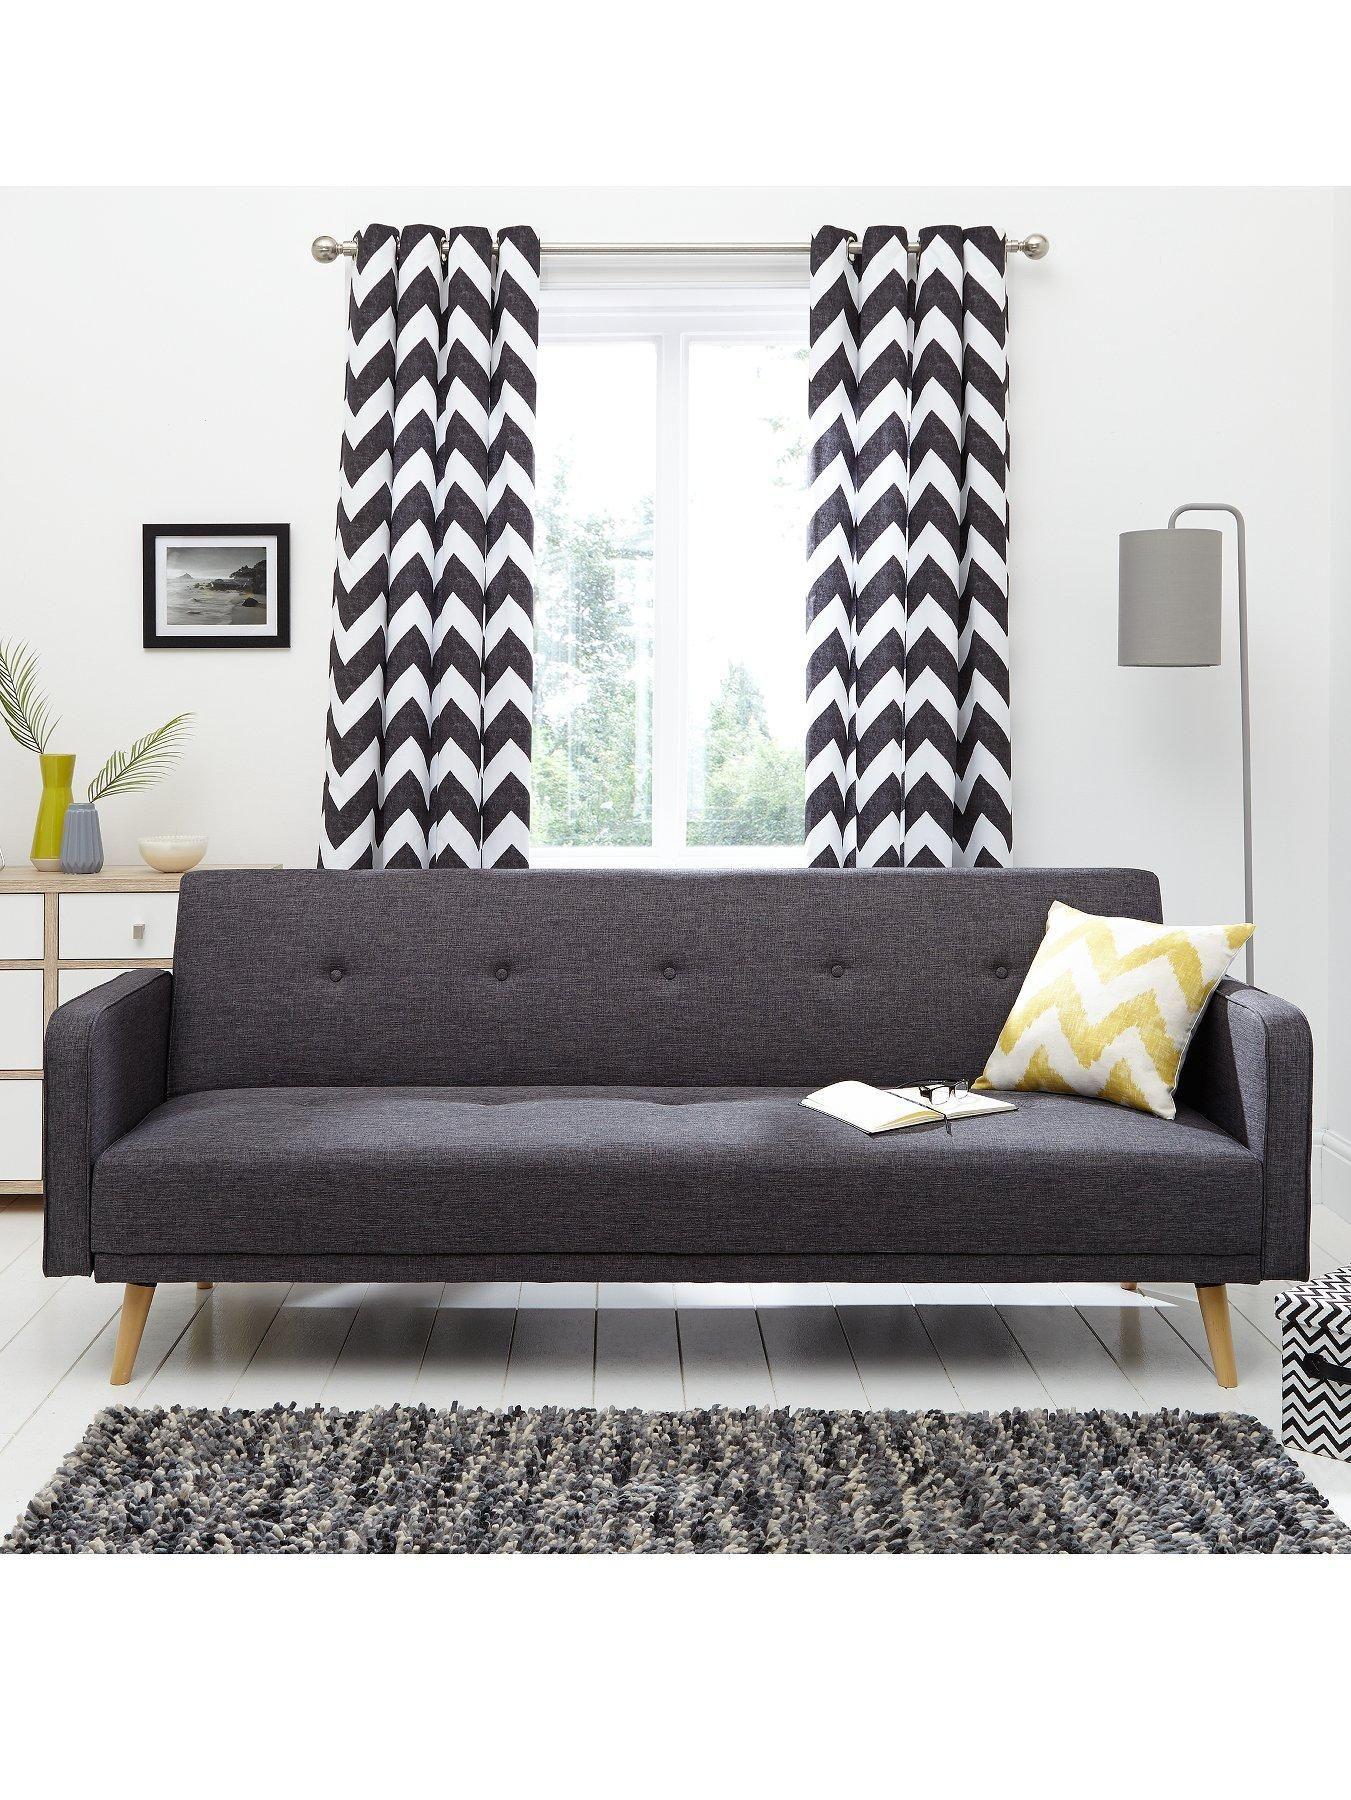 Quinn Fabric Sofa Bed Sofa bed, Comfy bed, Headboard